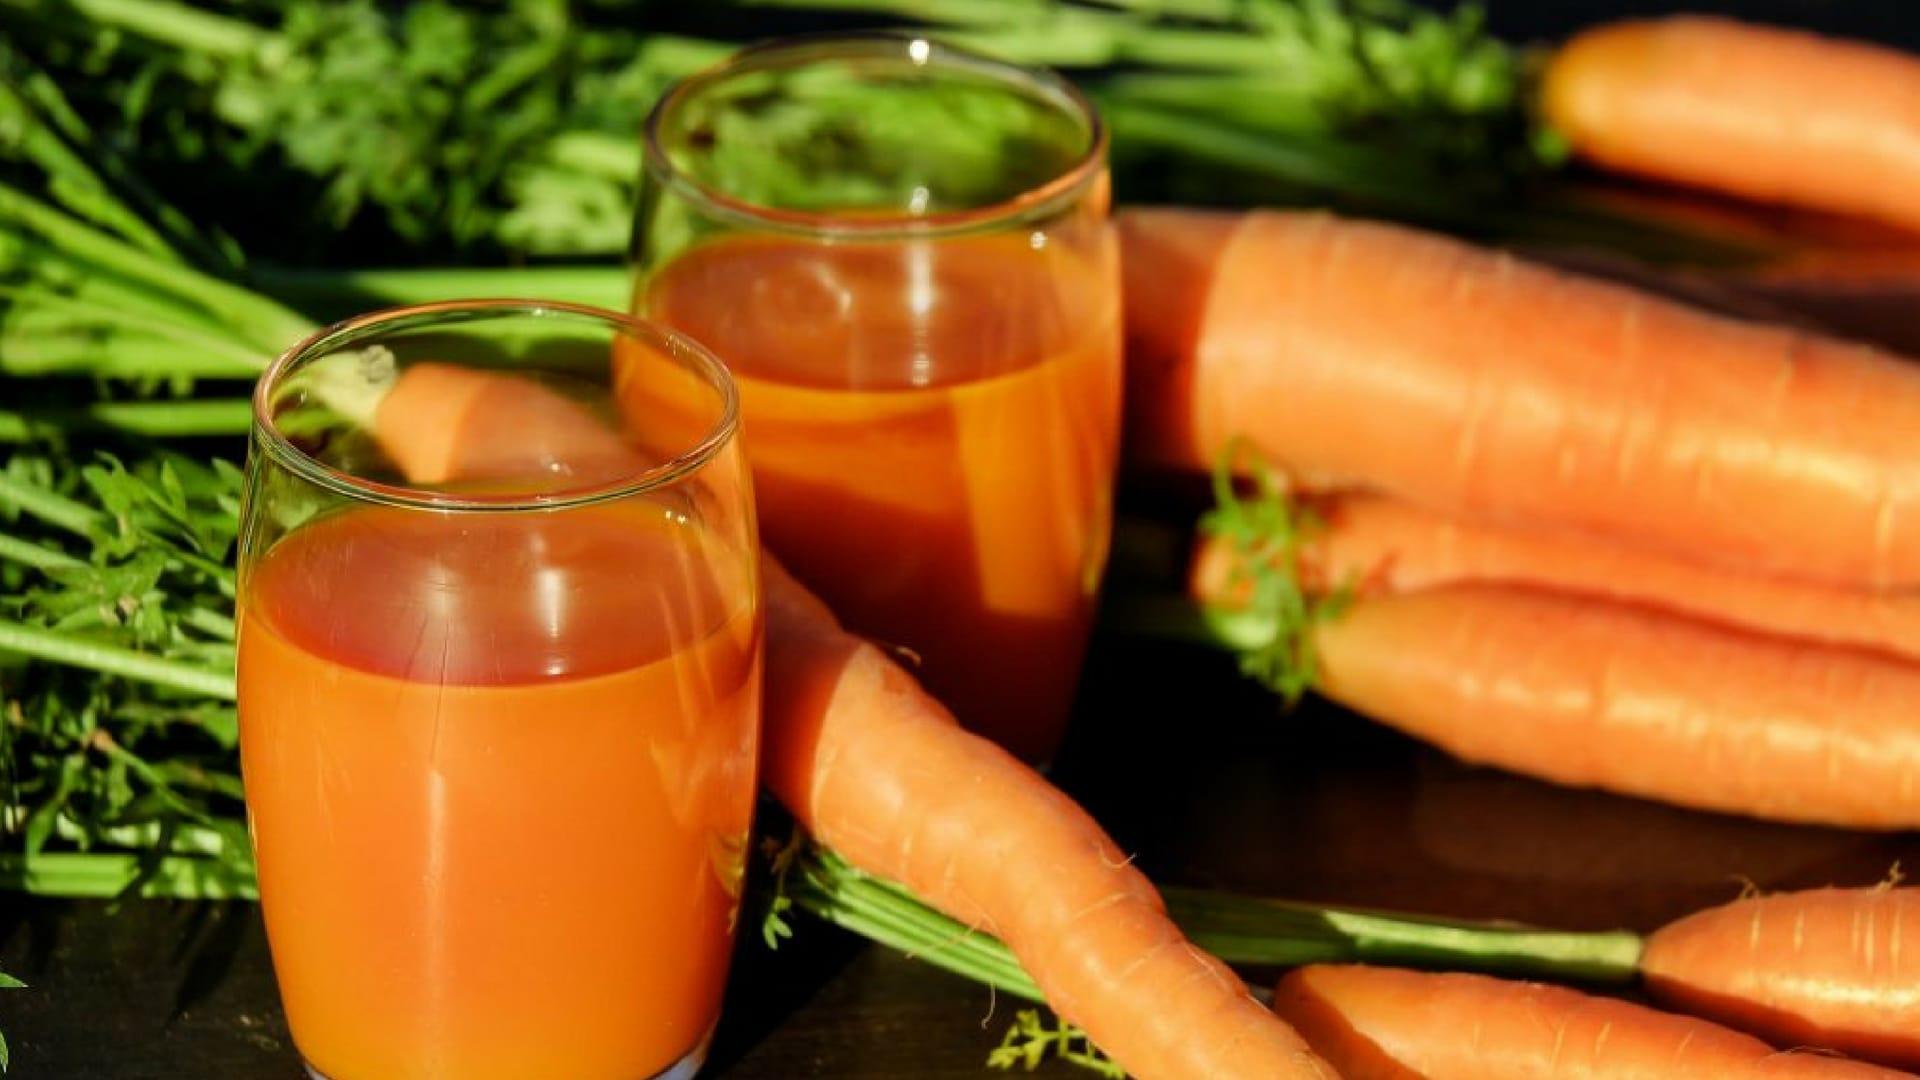 Karotten für den Hund – Wirksam gegen Parasiten & Durchfall